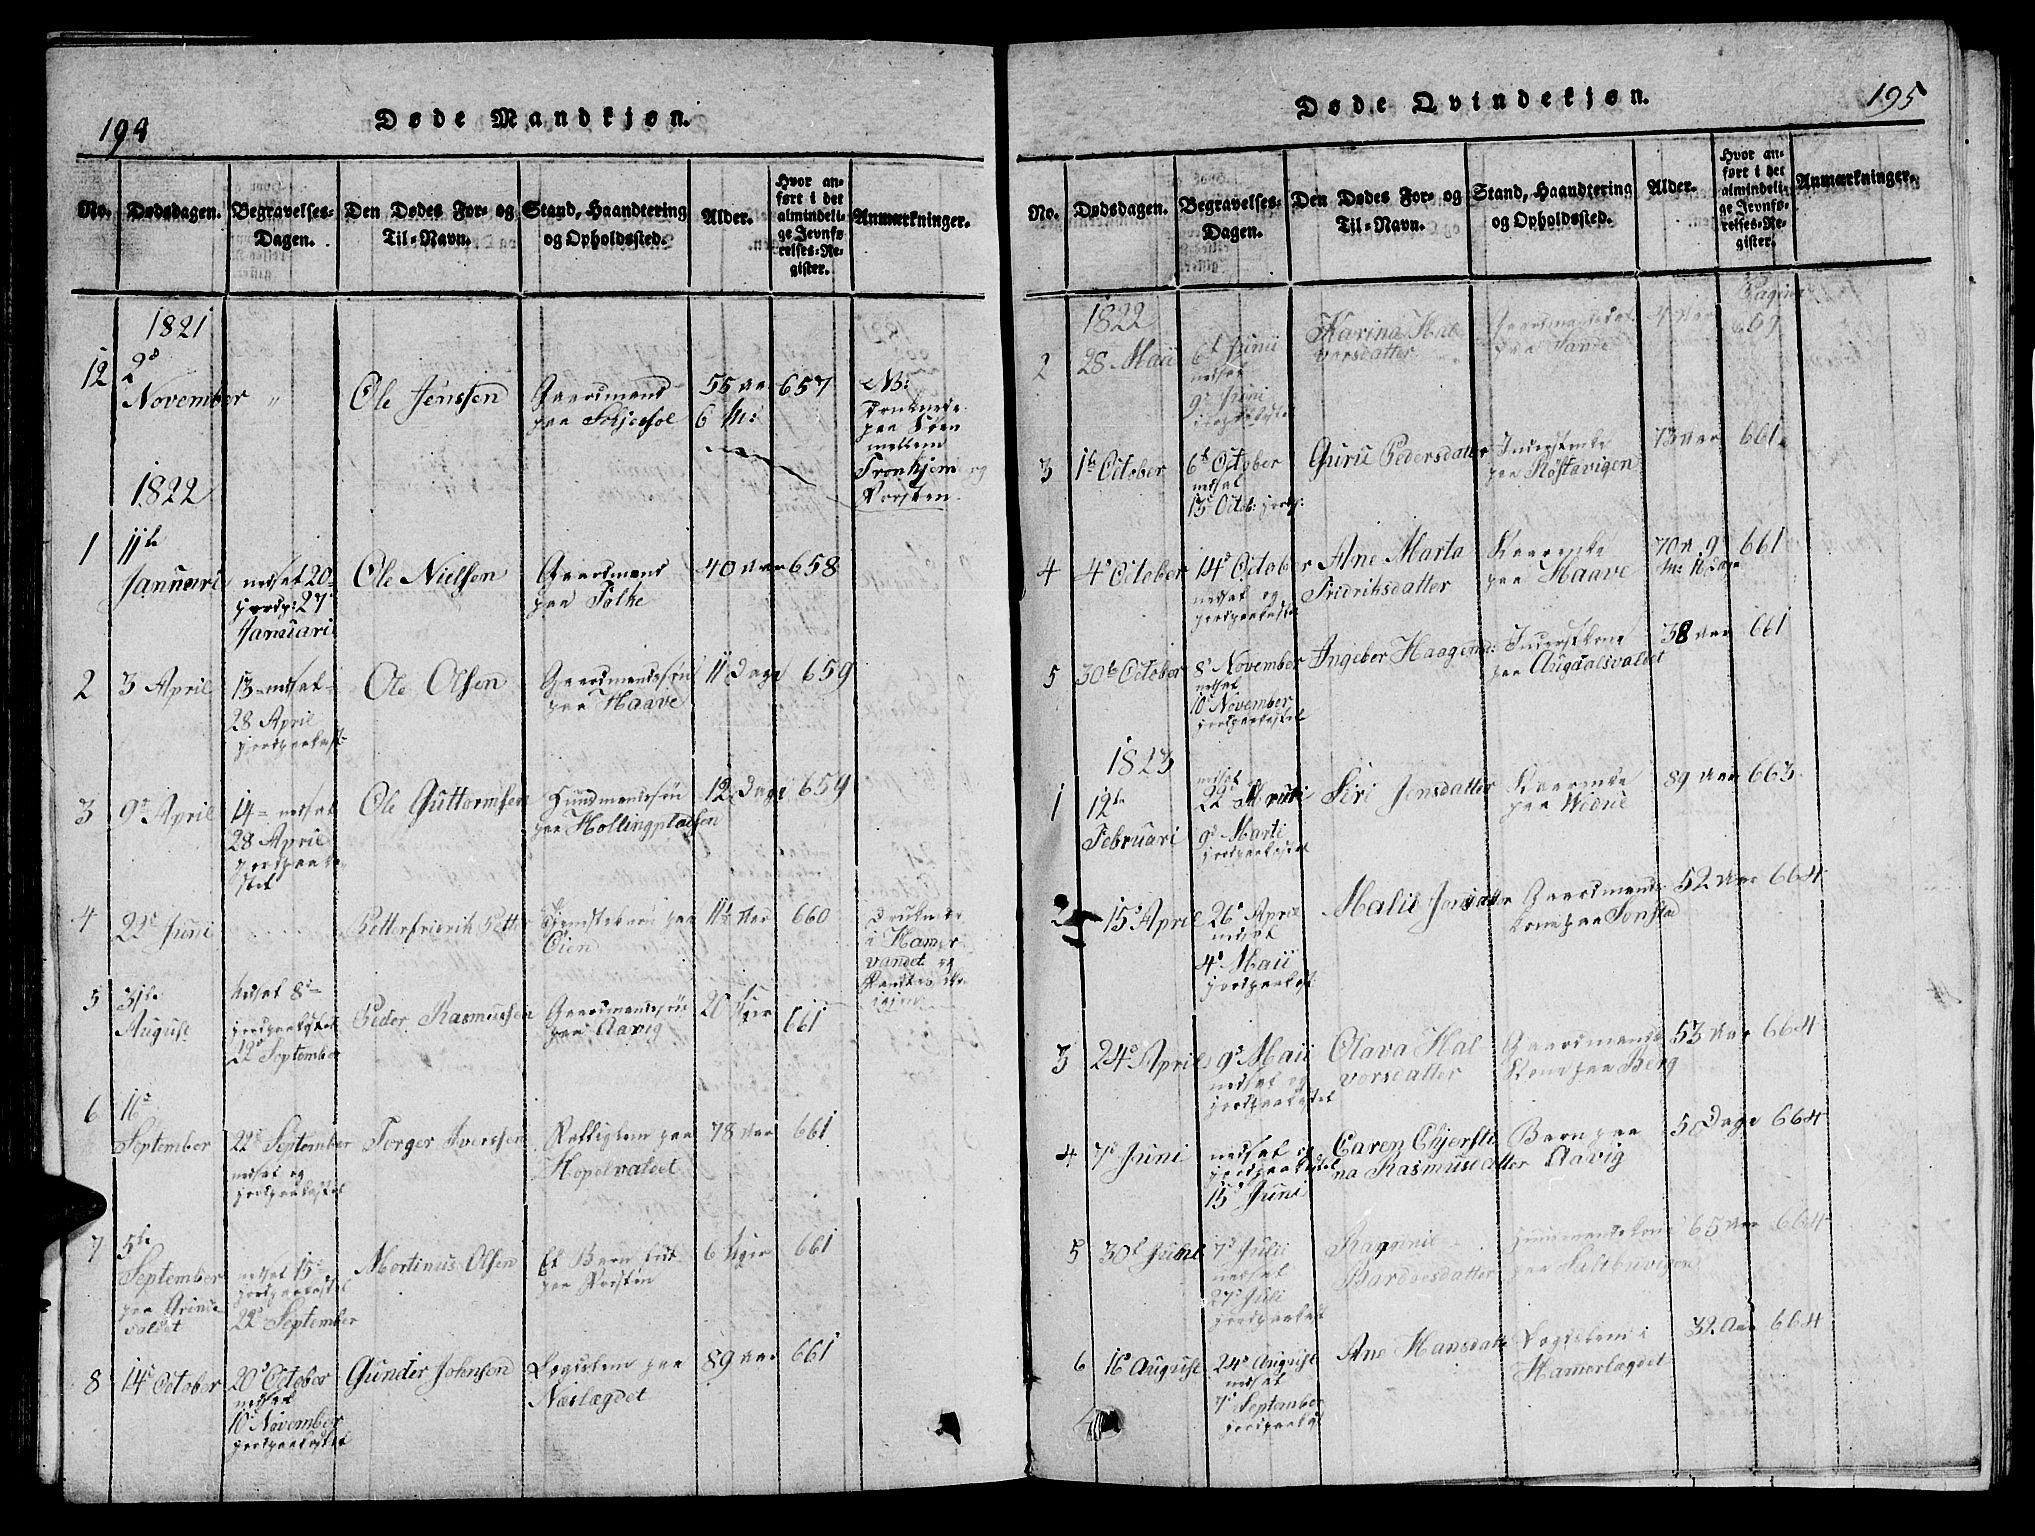 SAT, Ministerialprotokoller, klokkerbøker og fødselsregistre - Nord-Trøndelag, 714/L0132: Klokkerbok nr. 714C01, 1817-1824, s. 194-195